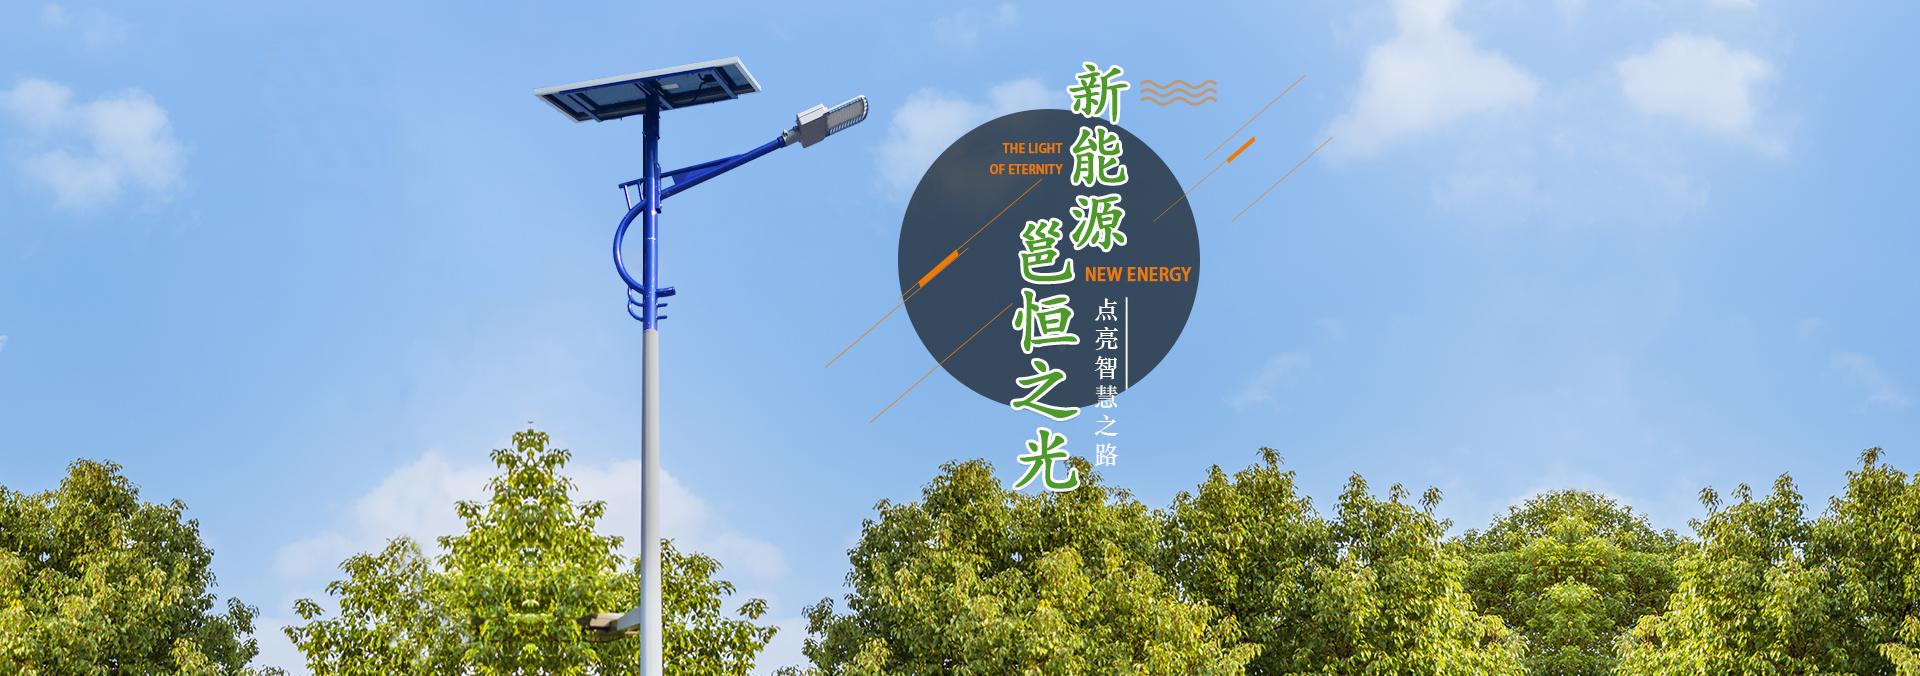 太陽能市政路燈